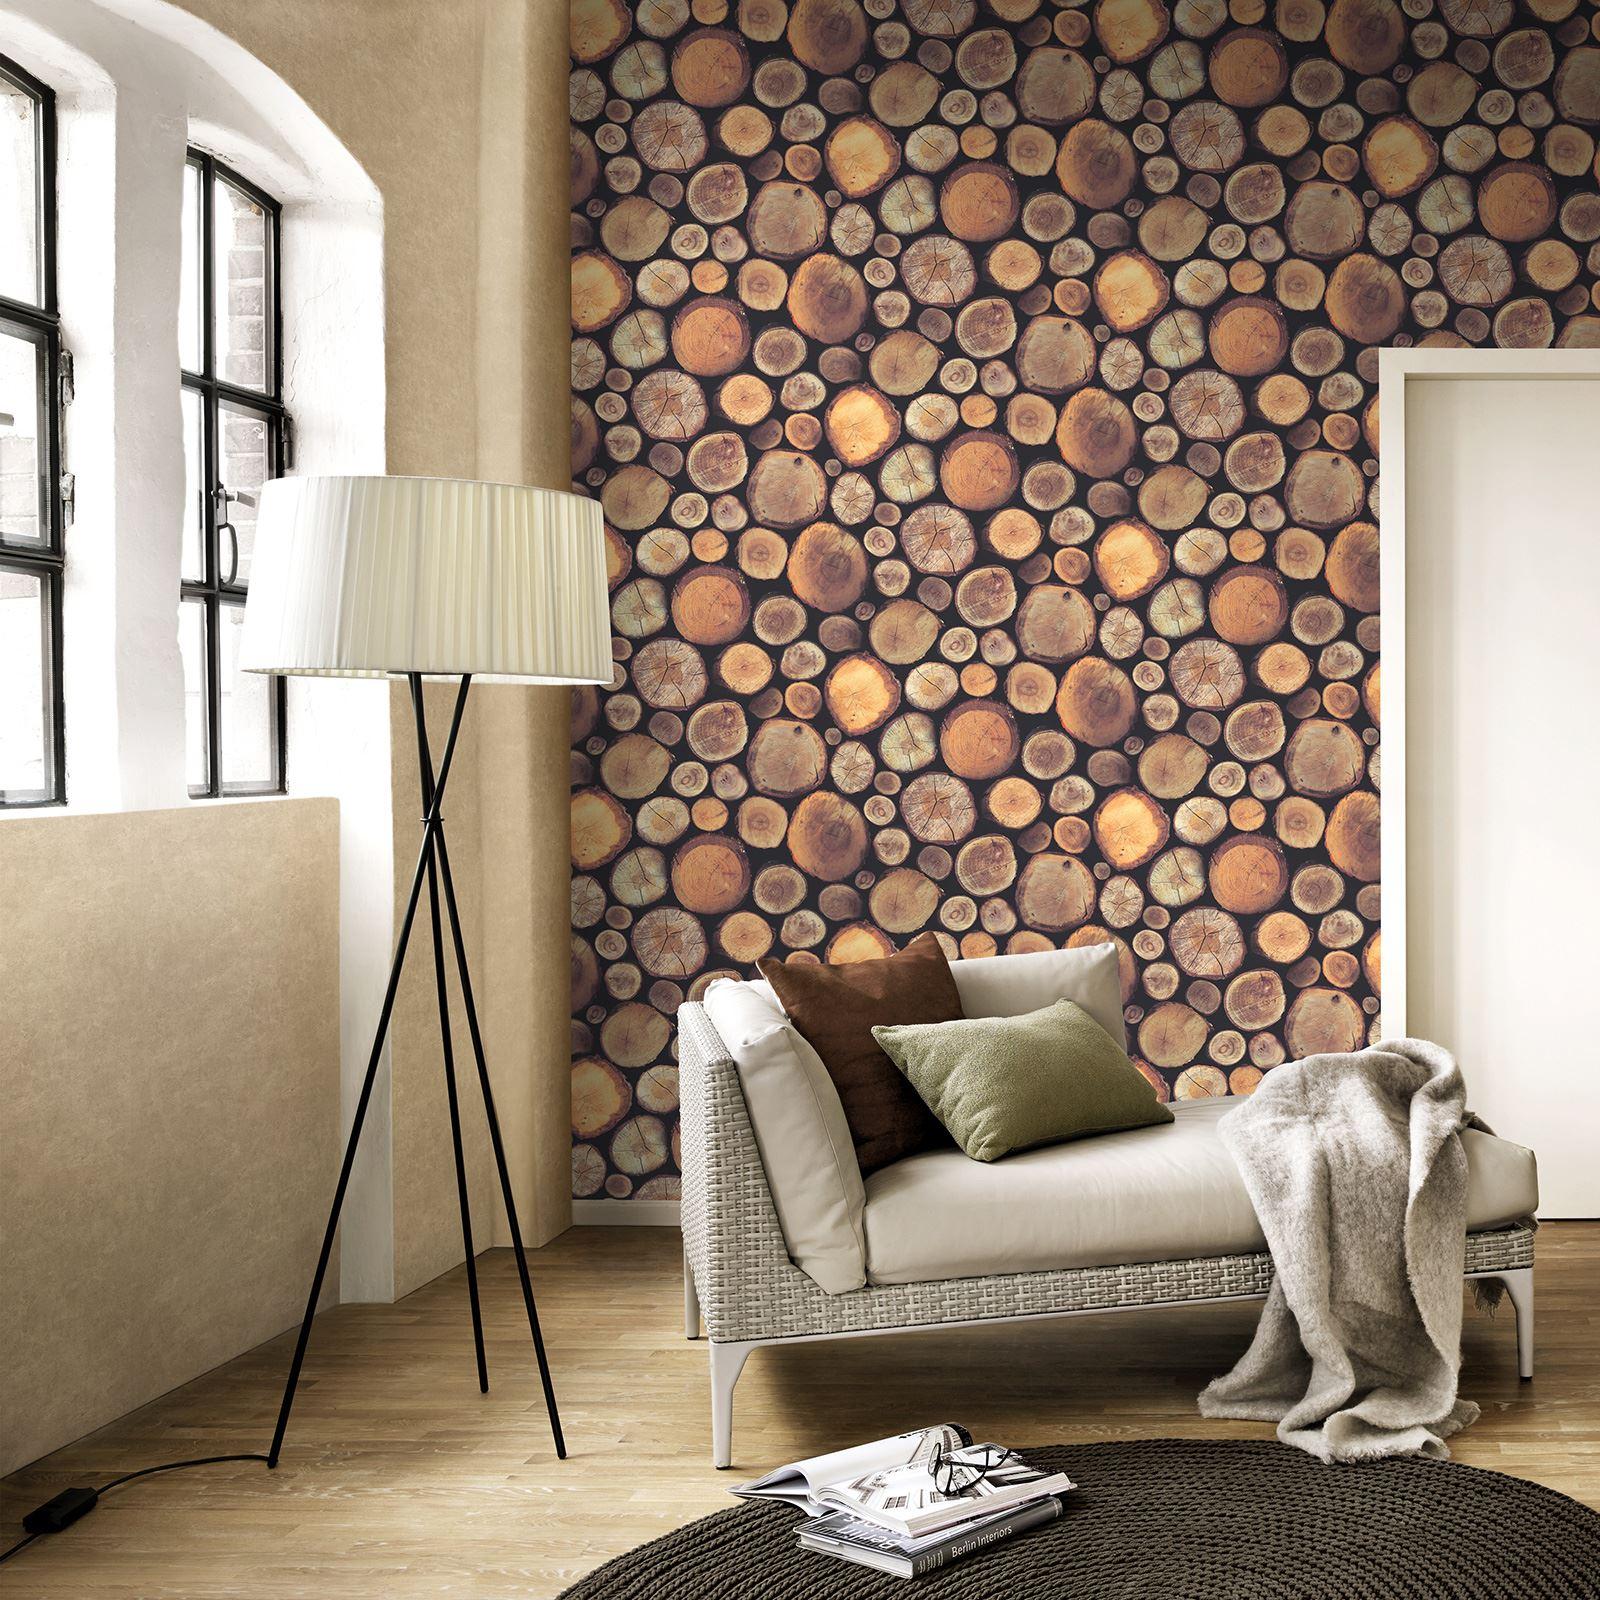 windsor couvrant les murs effets papier peint brique ardoise en bois troncs ebay. Black Bedroom Furniture Sets. Home Design Ideas